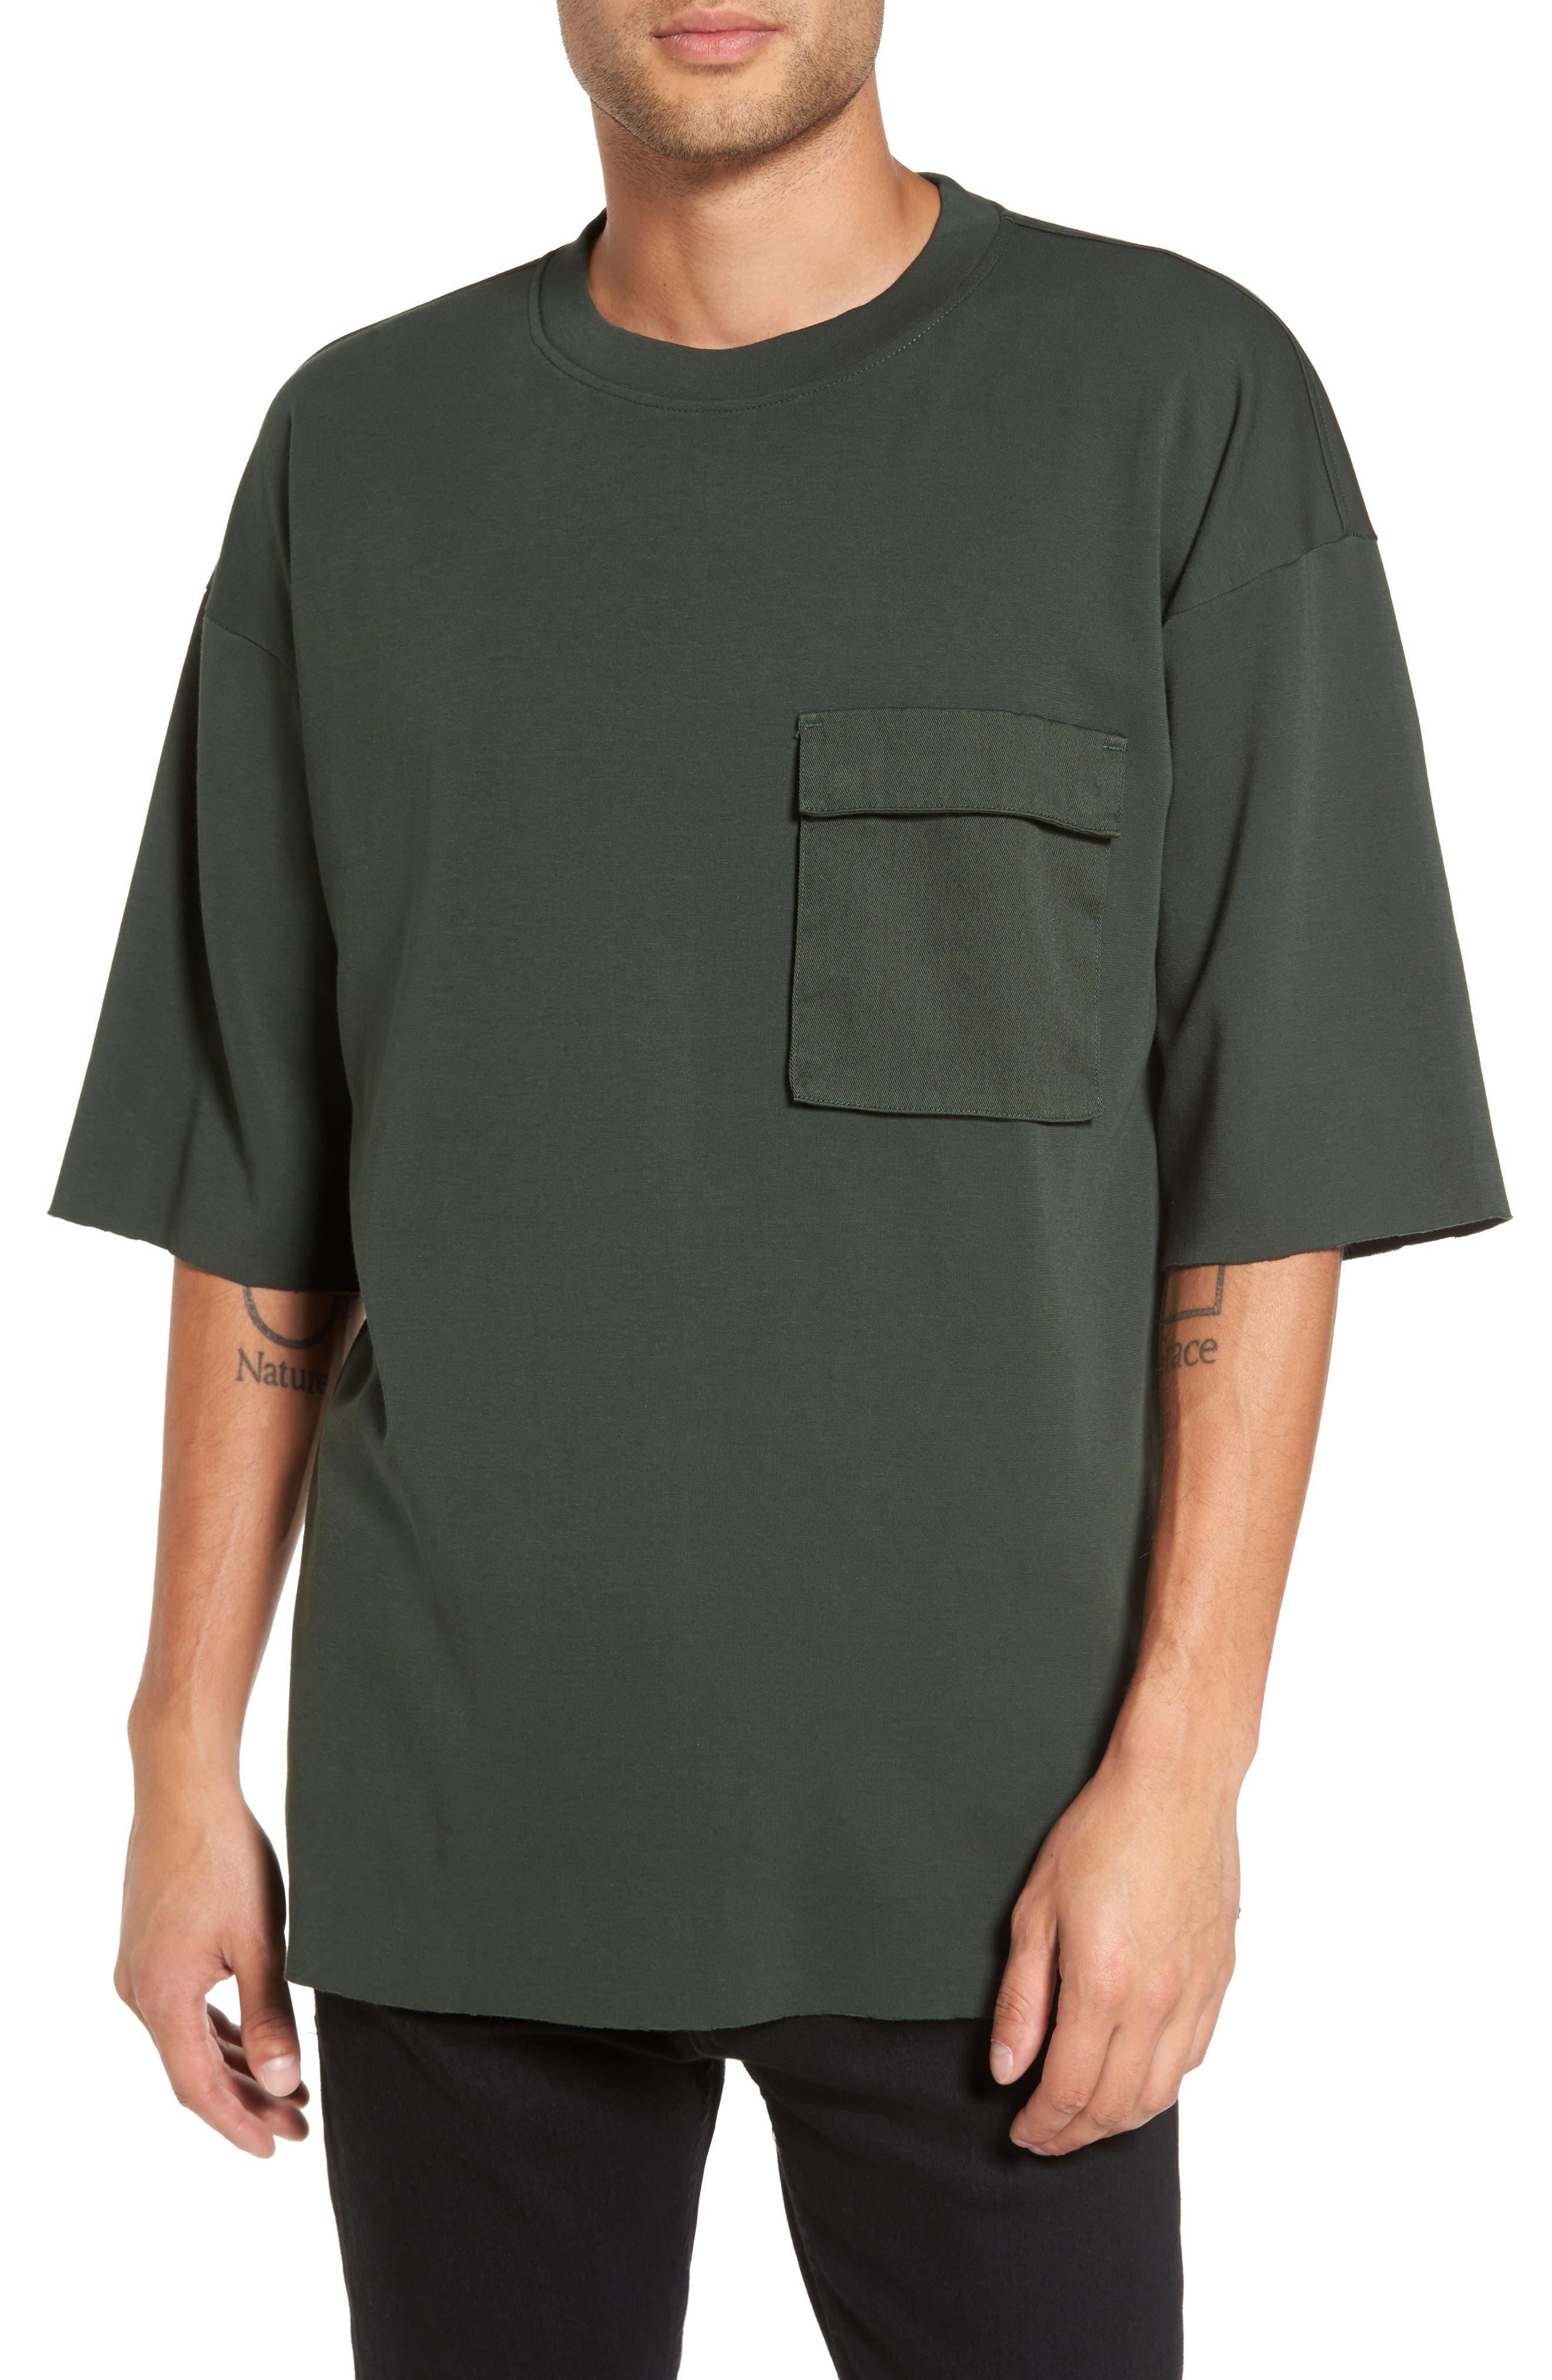 Mauno Pocket T-Shirt,                             Main thumbnail 1, color,                             300